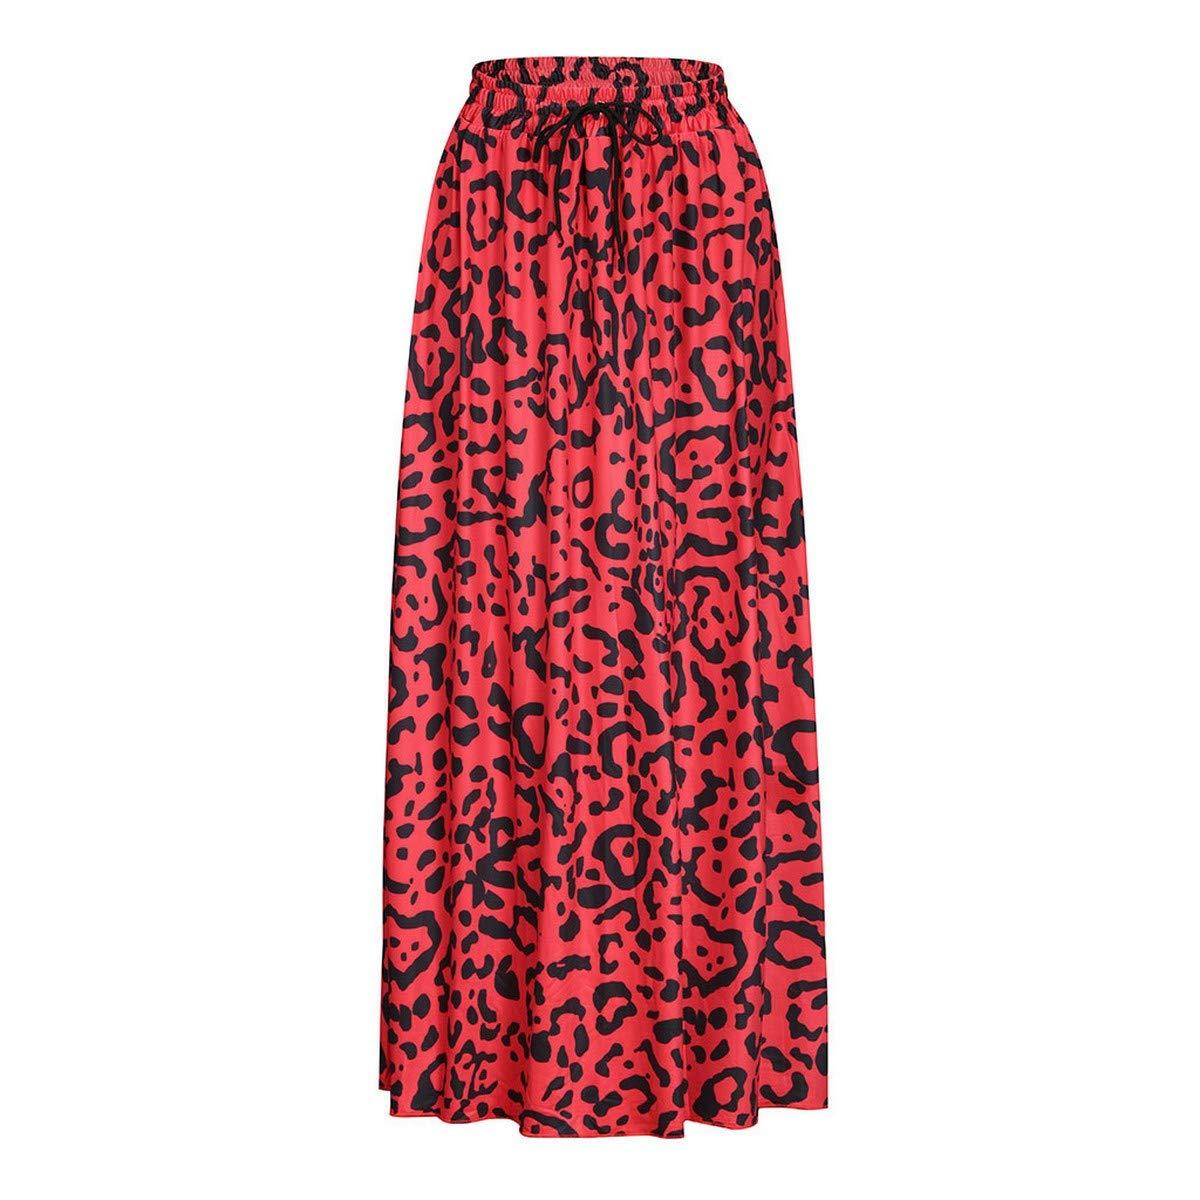 Länge 95cm Charlize NEU /& OVP CALIDA Damen Sleepshirt 3//4-Arm mit Seidendetail